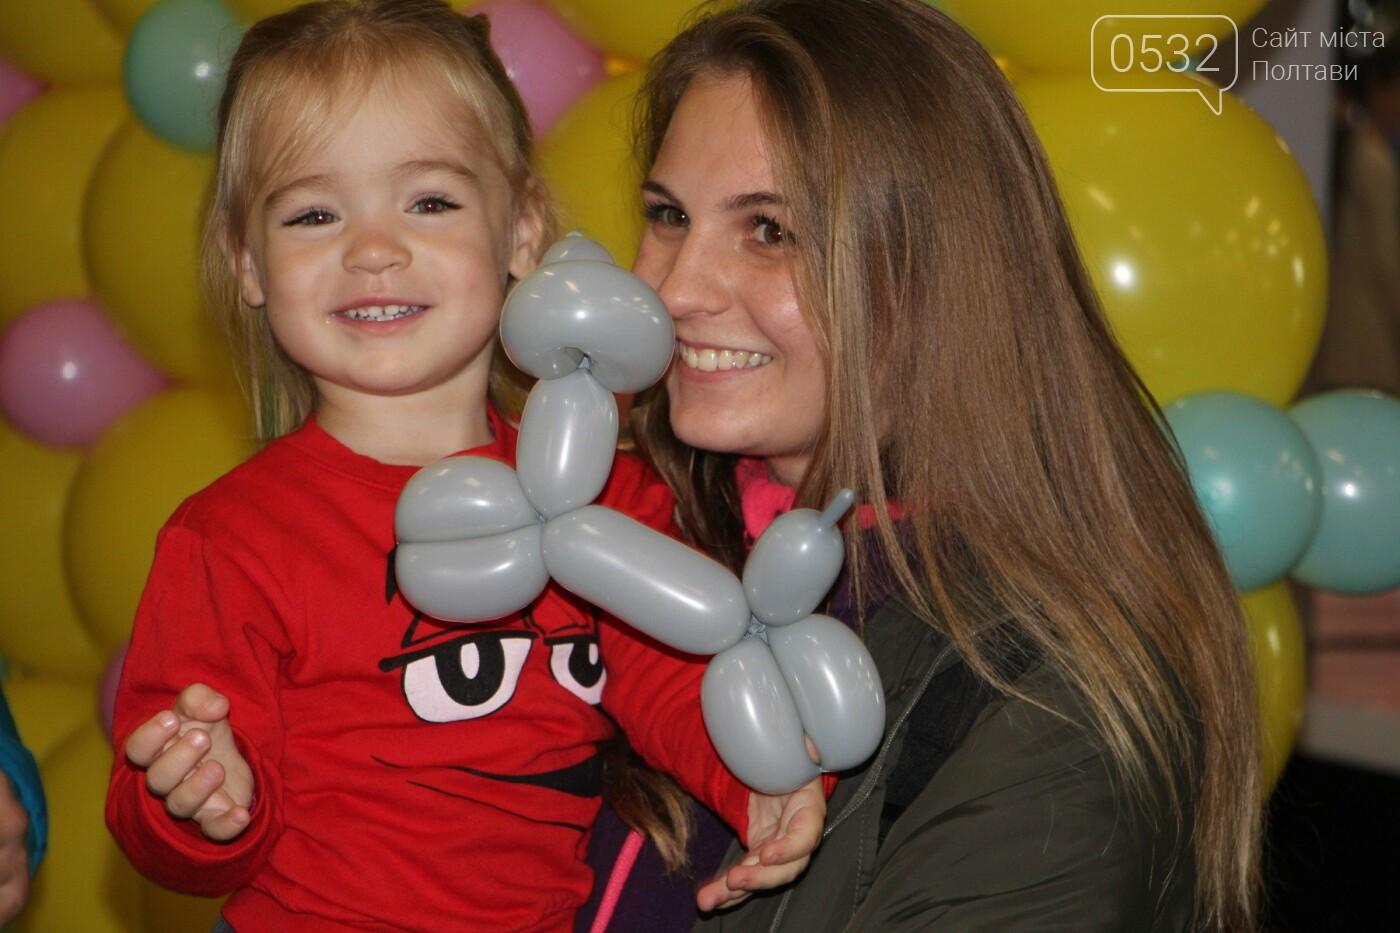 Діти у захваті – у Полтаві вперше організували виставку великих фігур із повітряних кульок (ФОТО)   , фото-11